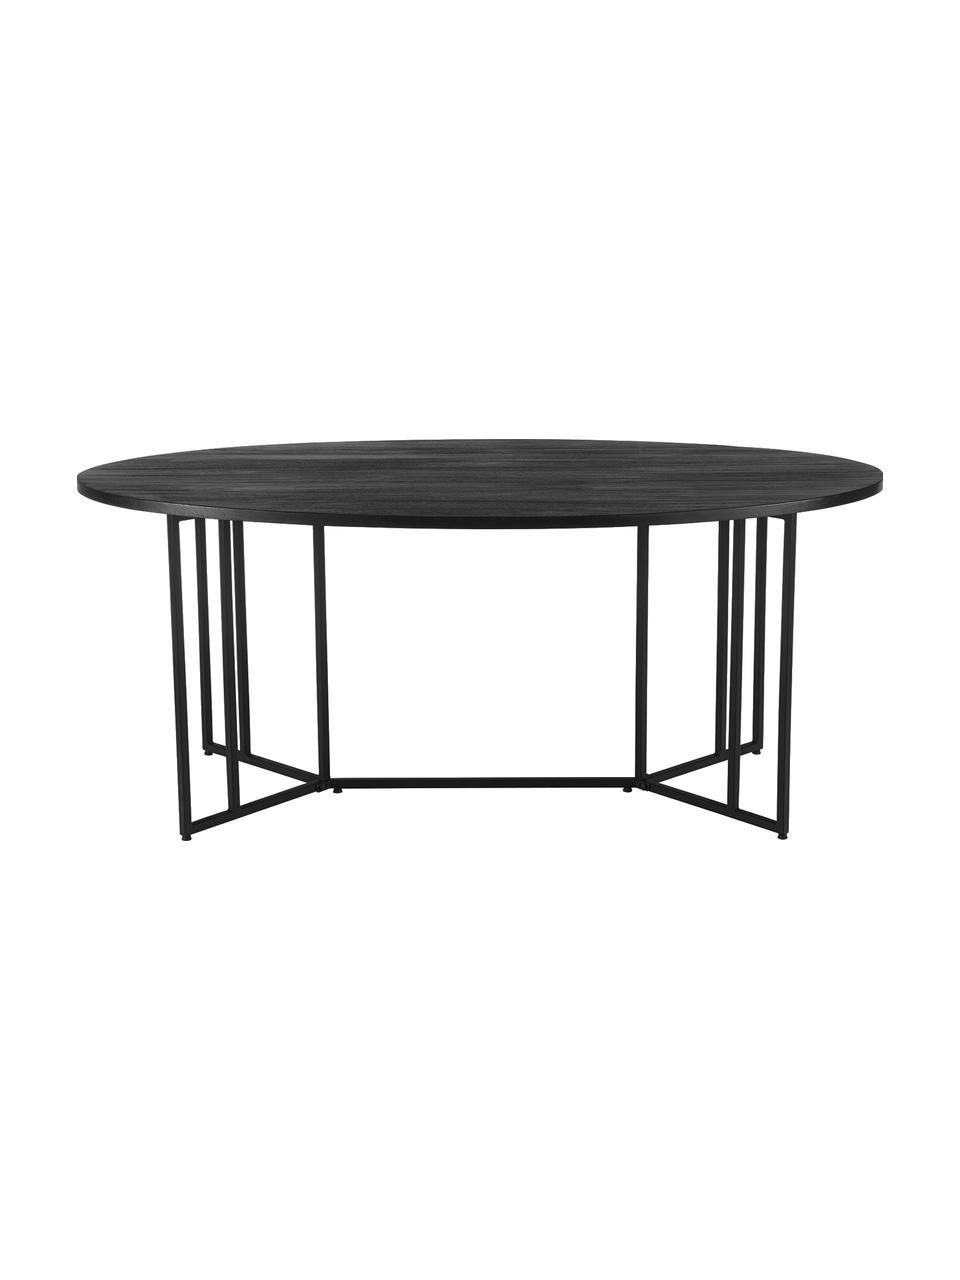 Ovaler Esstisch Luca mit Mangoholz, Tischplatte: Massives Mangoholz, gebür, Gestell: Metall, pulverbeschichtet, Schwarz, B 240 x T 100 cm